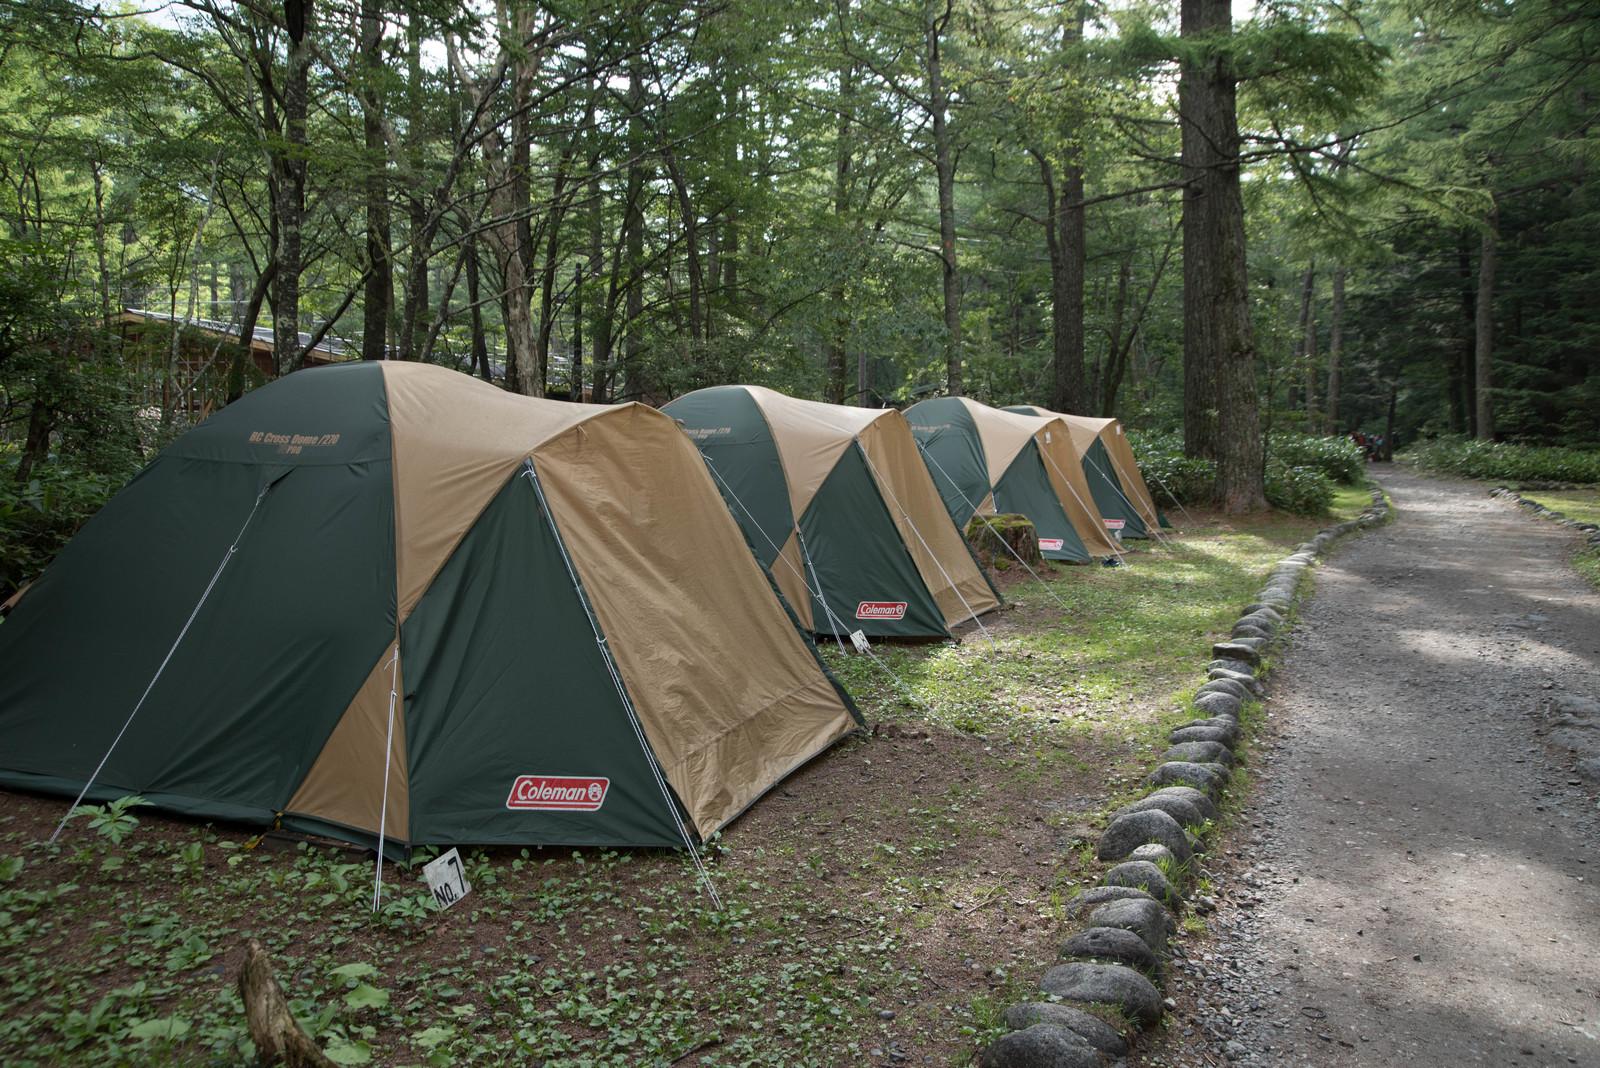 女子キャンプにおすすめ!テントから服装までおしゃれで可愛いアイテムを紹介!